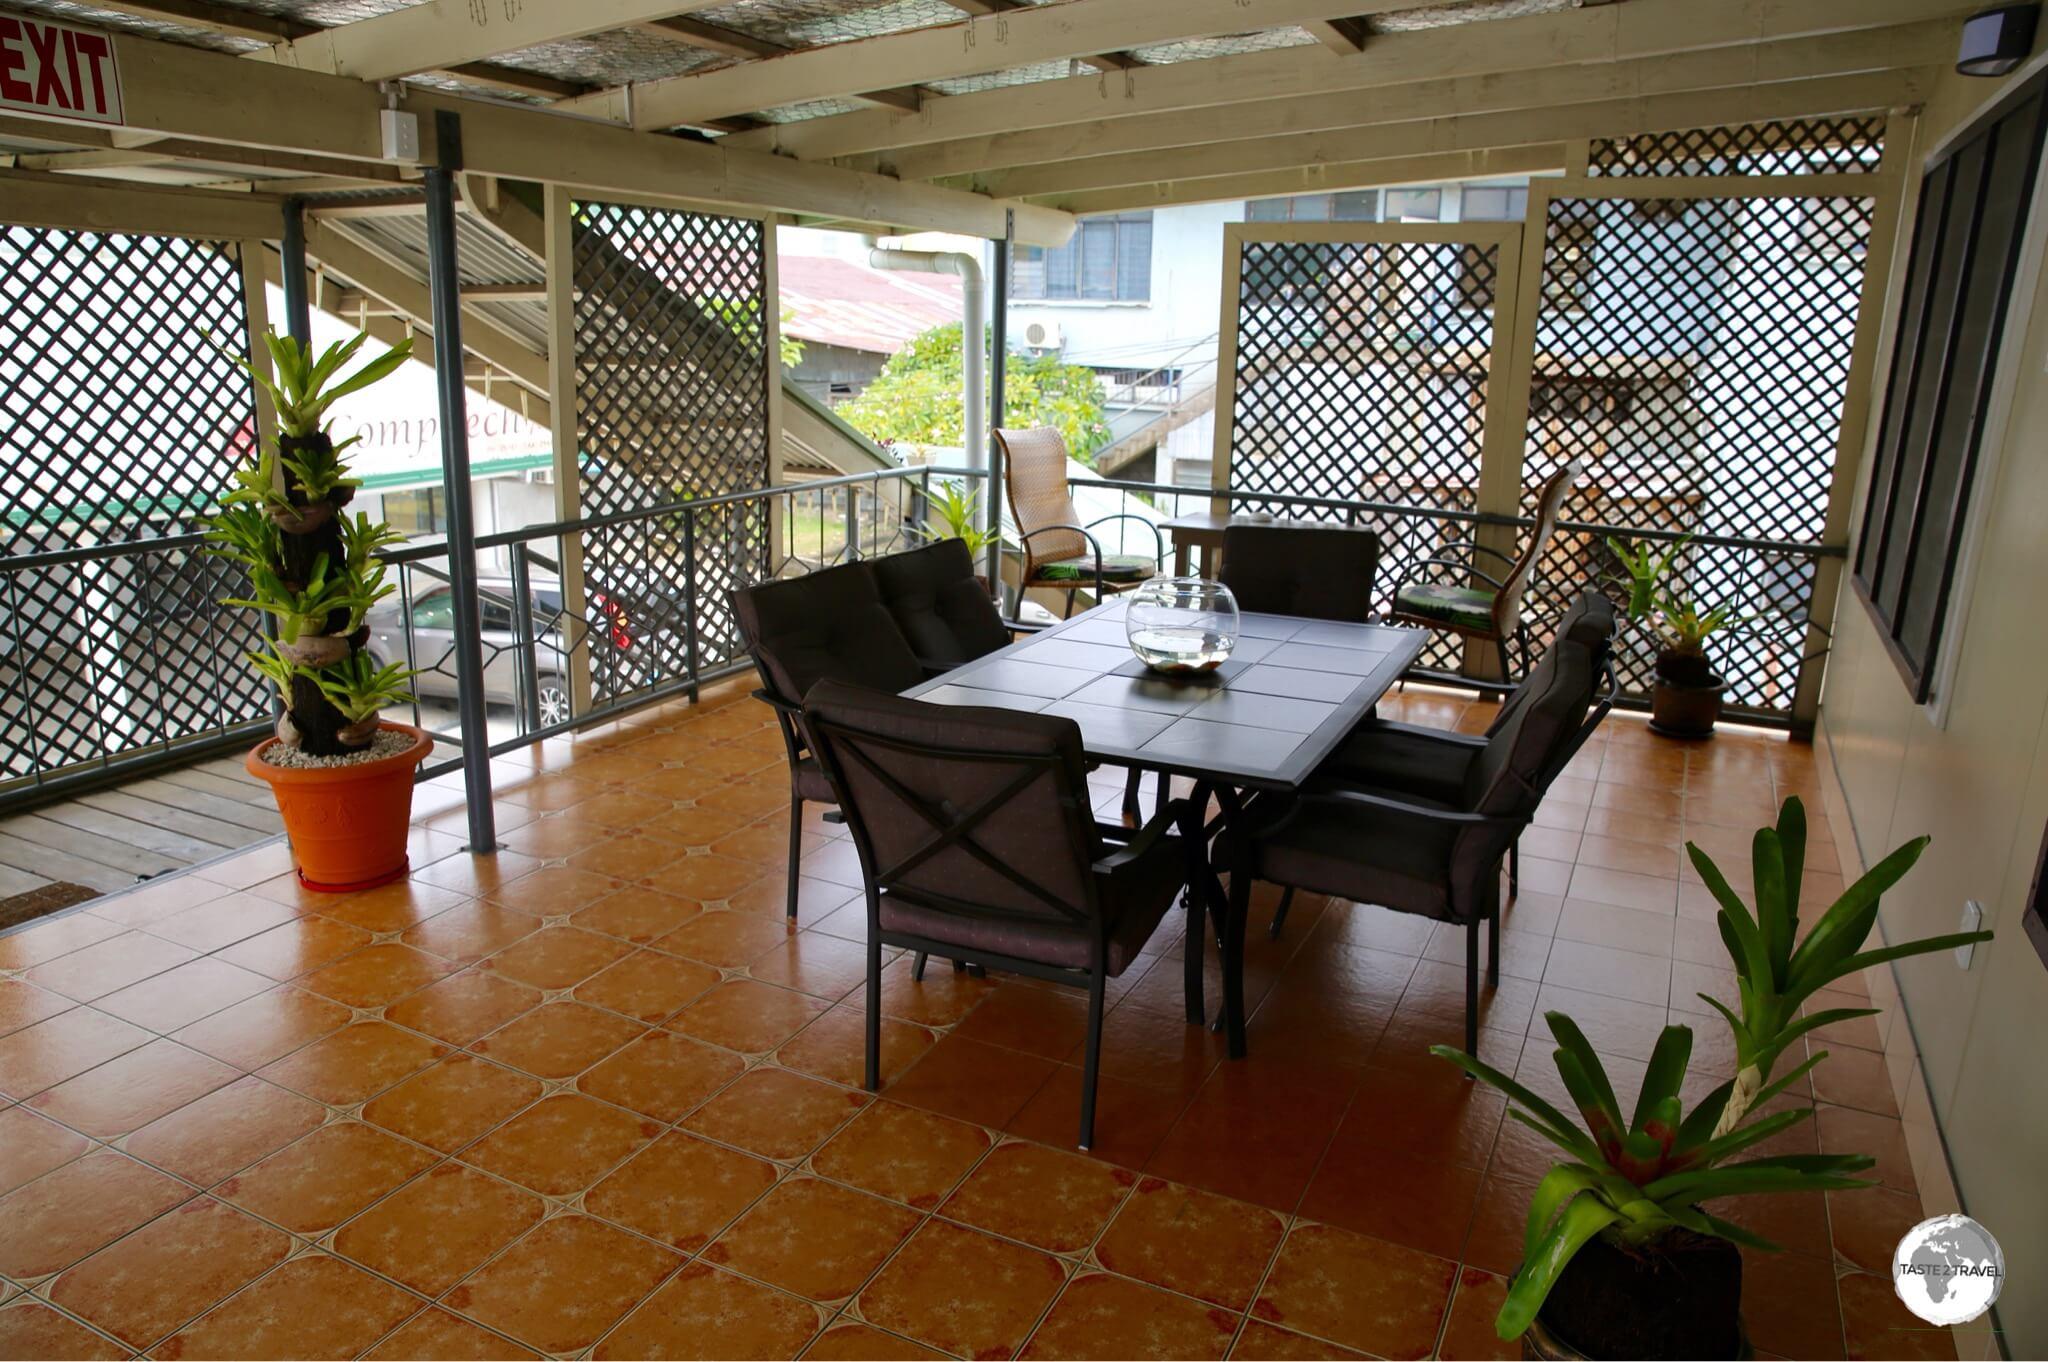 The outdoor common area at Talofa Inn.